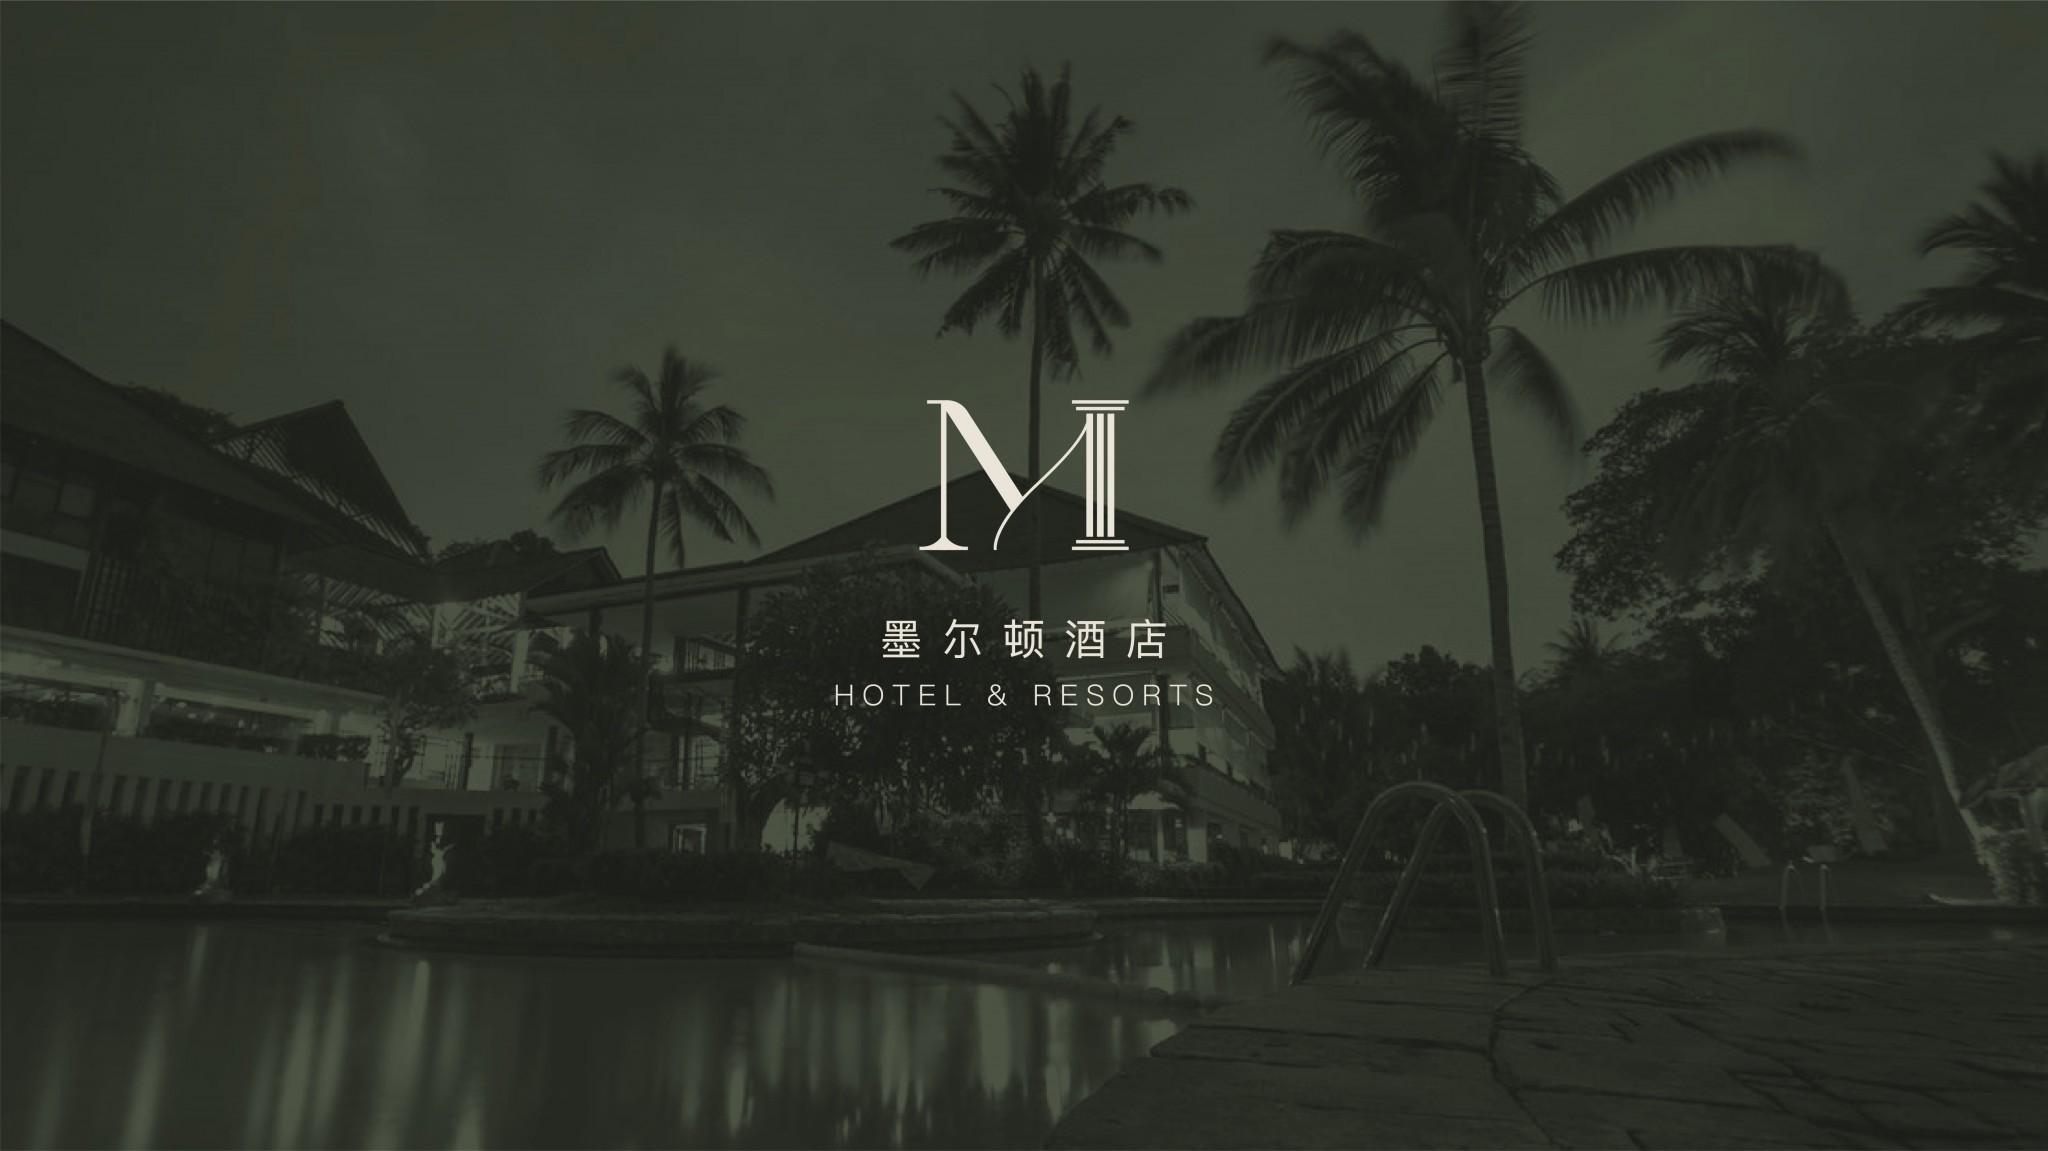 度假酒店品牌设计-墨尔顿dee468e35aceb292b2da1f3572e2e148